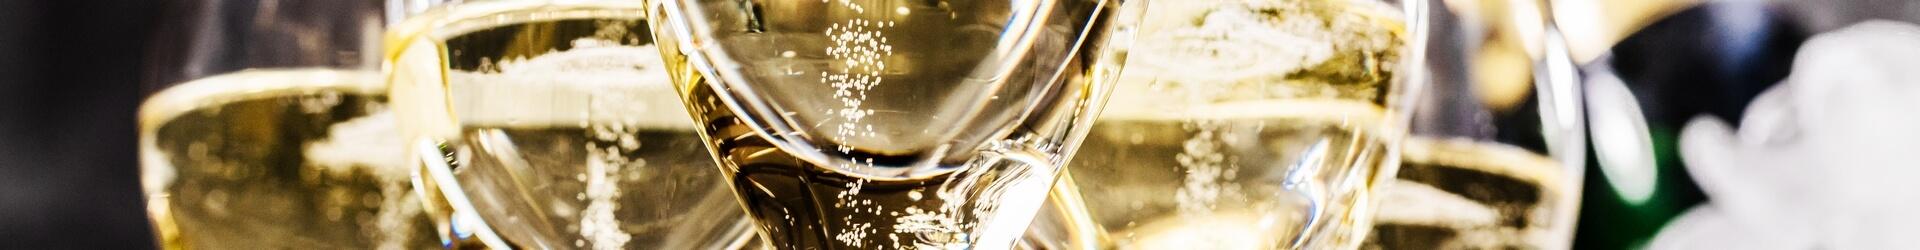 Dégustation vin pétillant